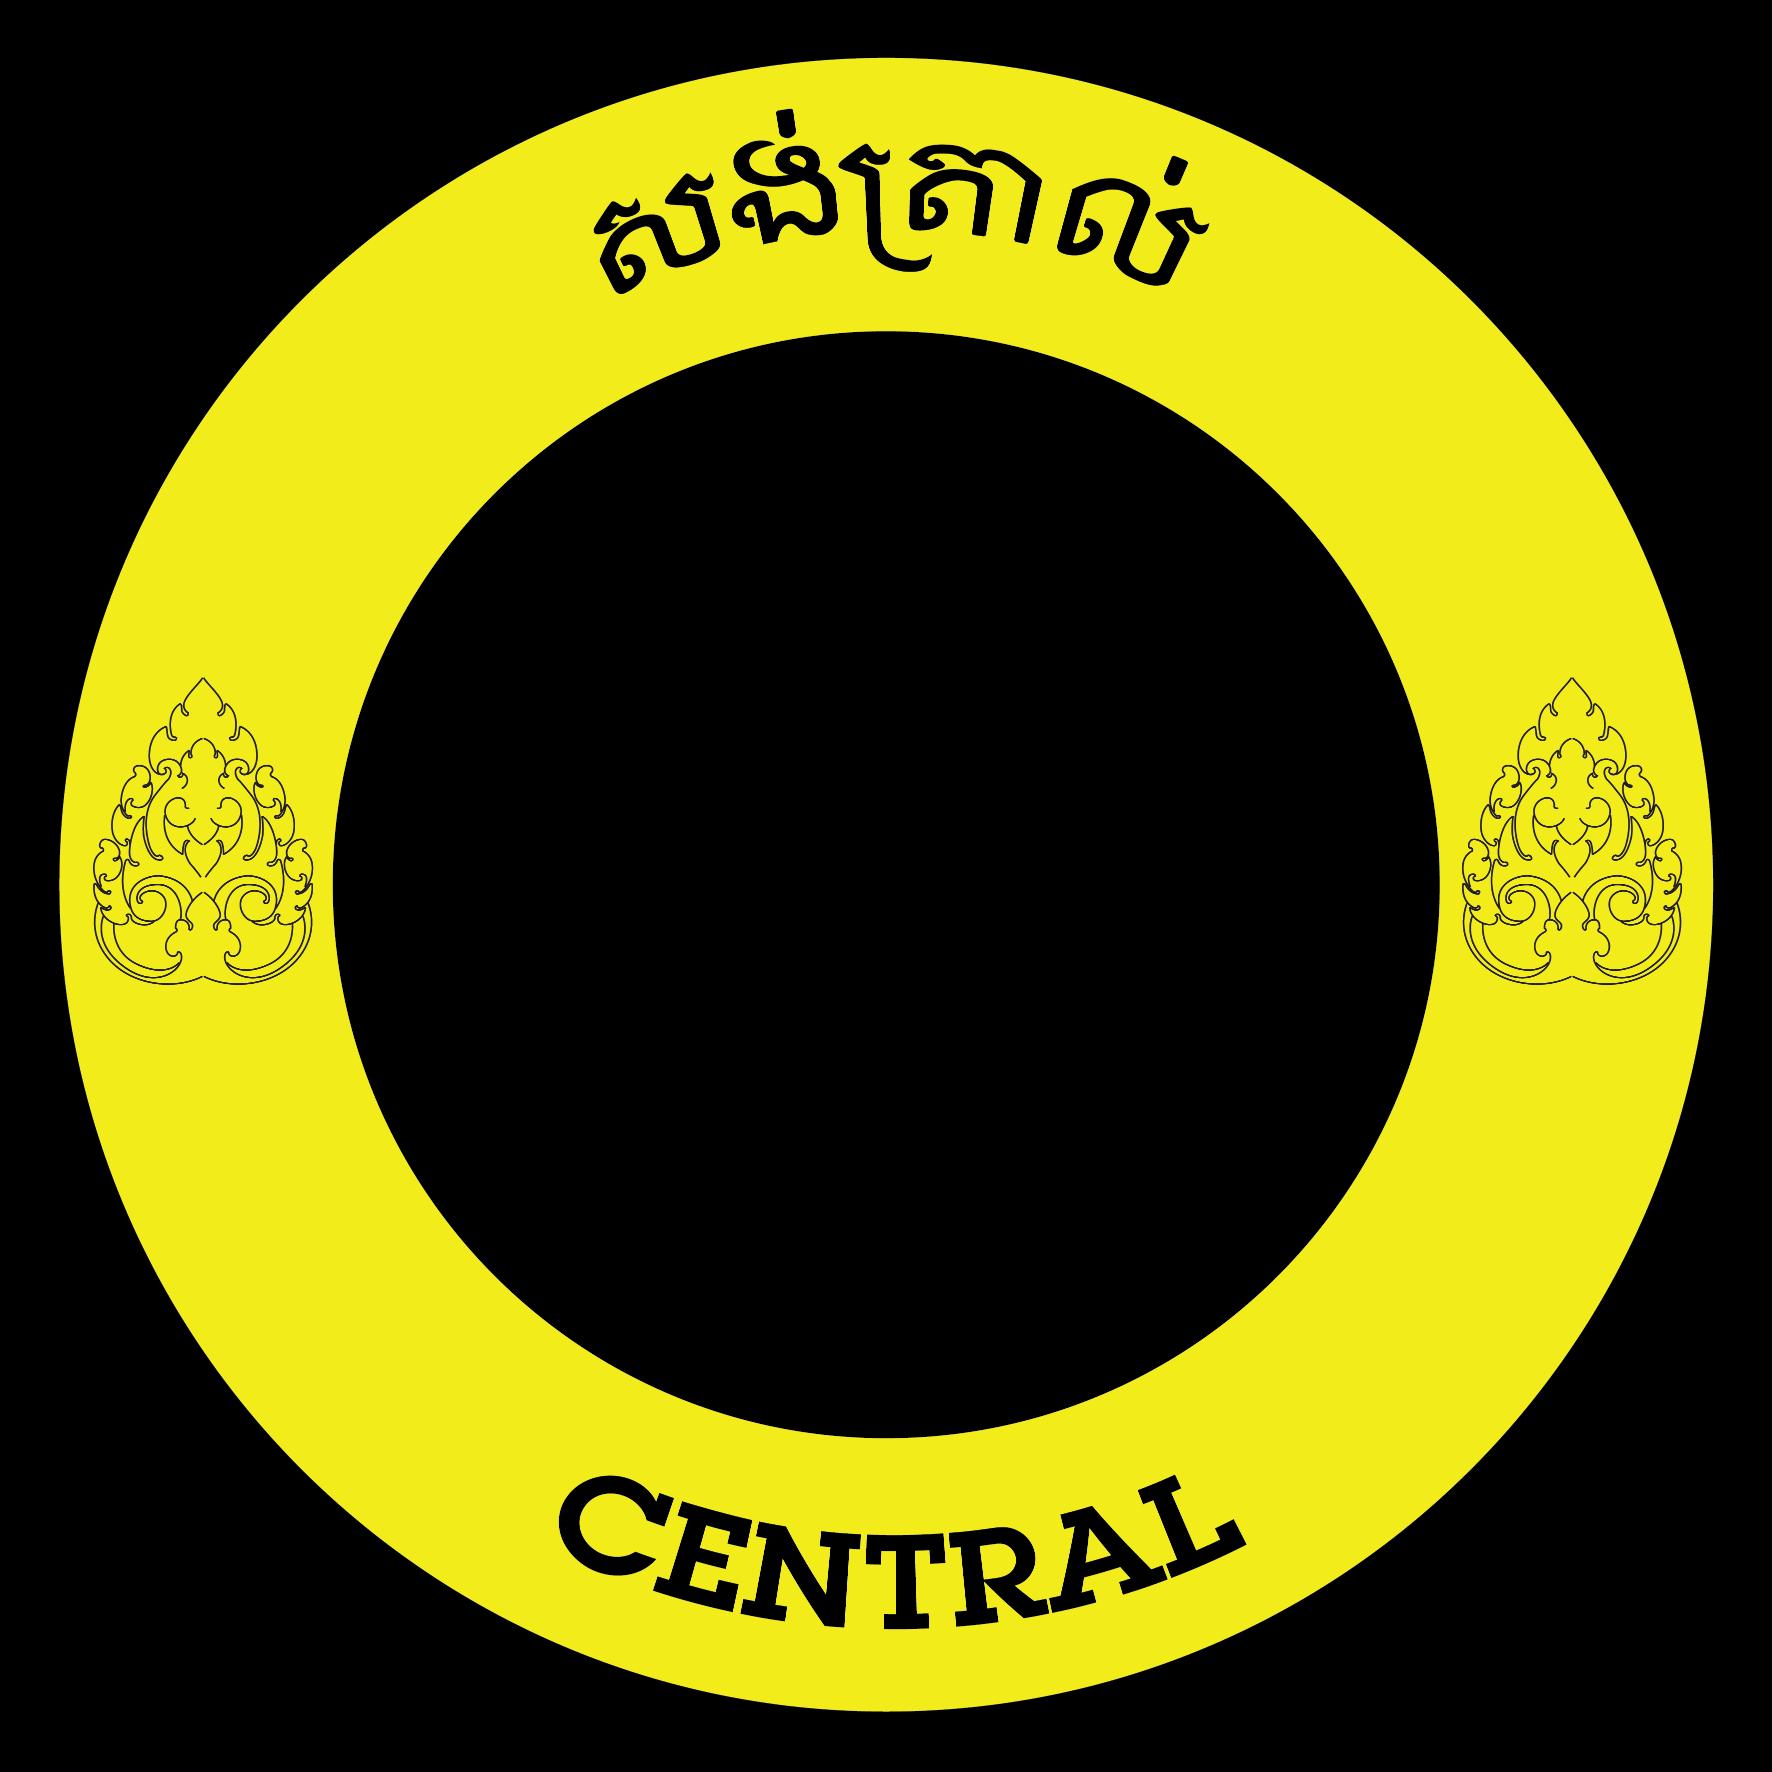 Central Cambodia